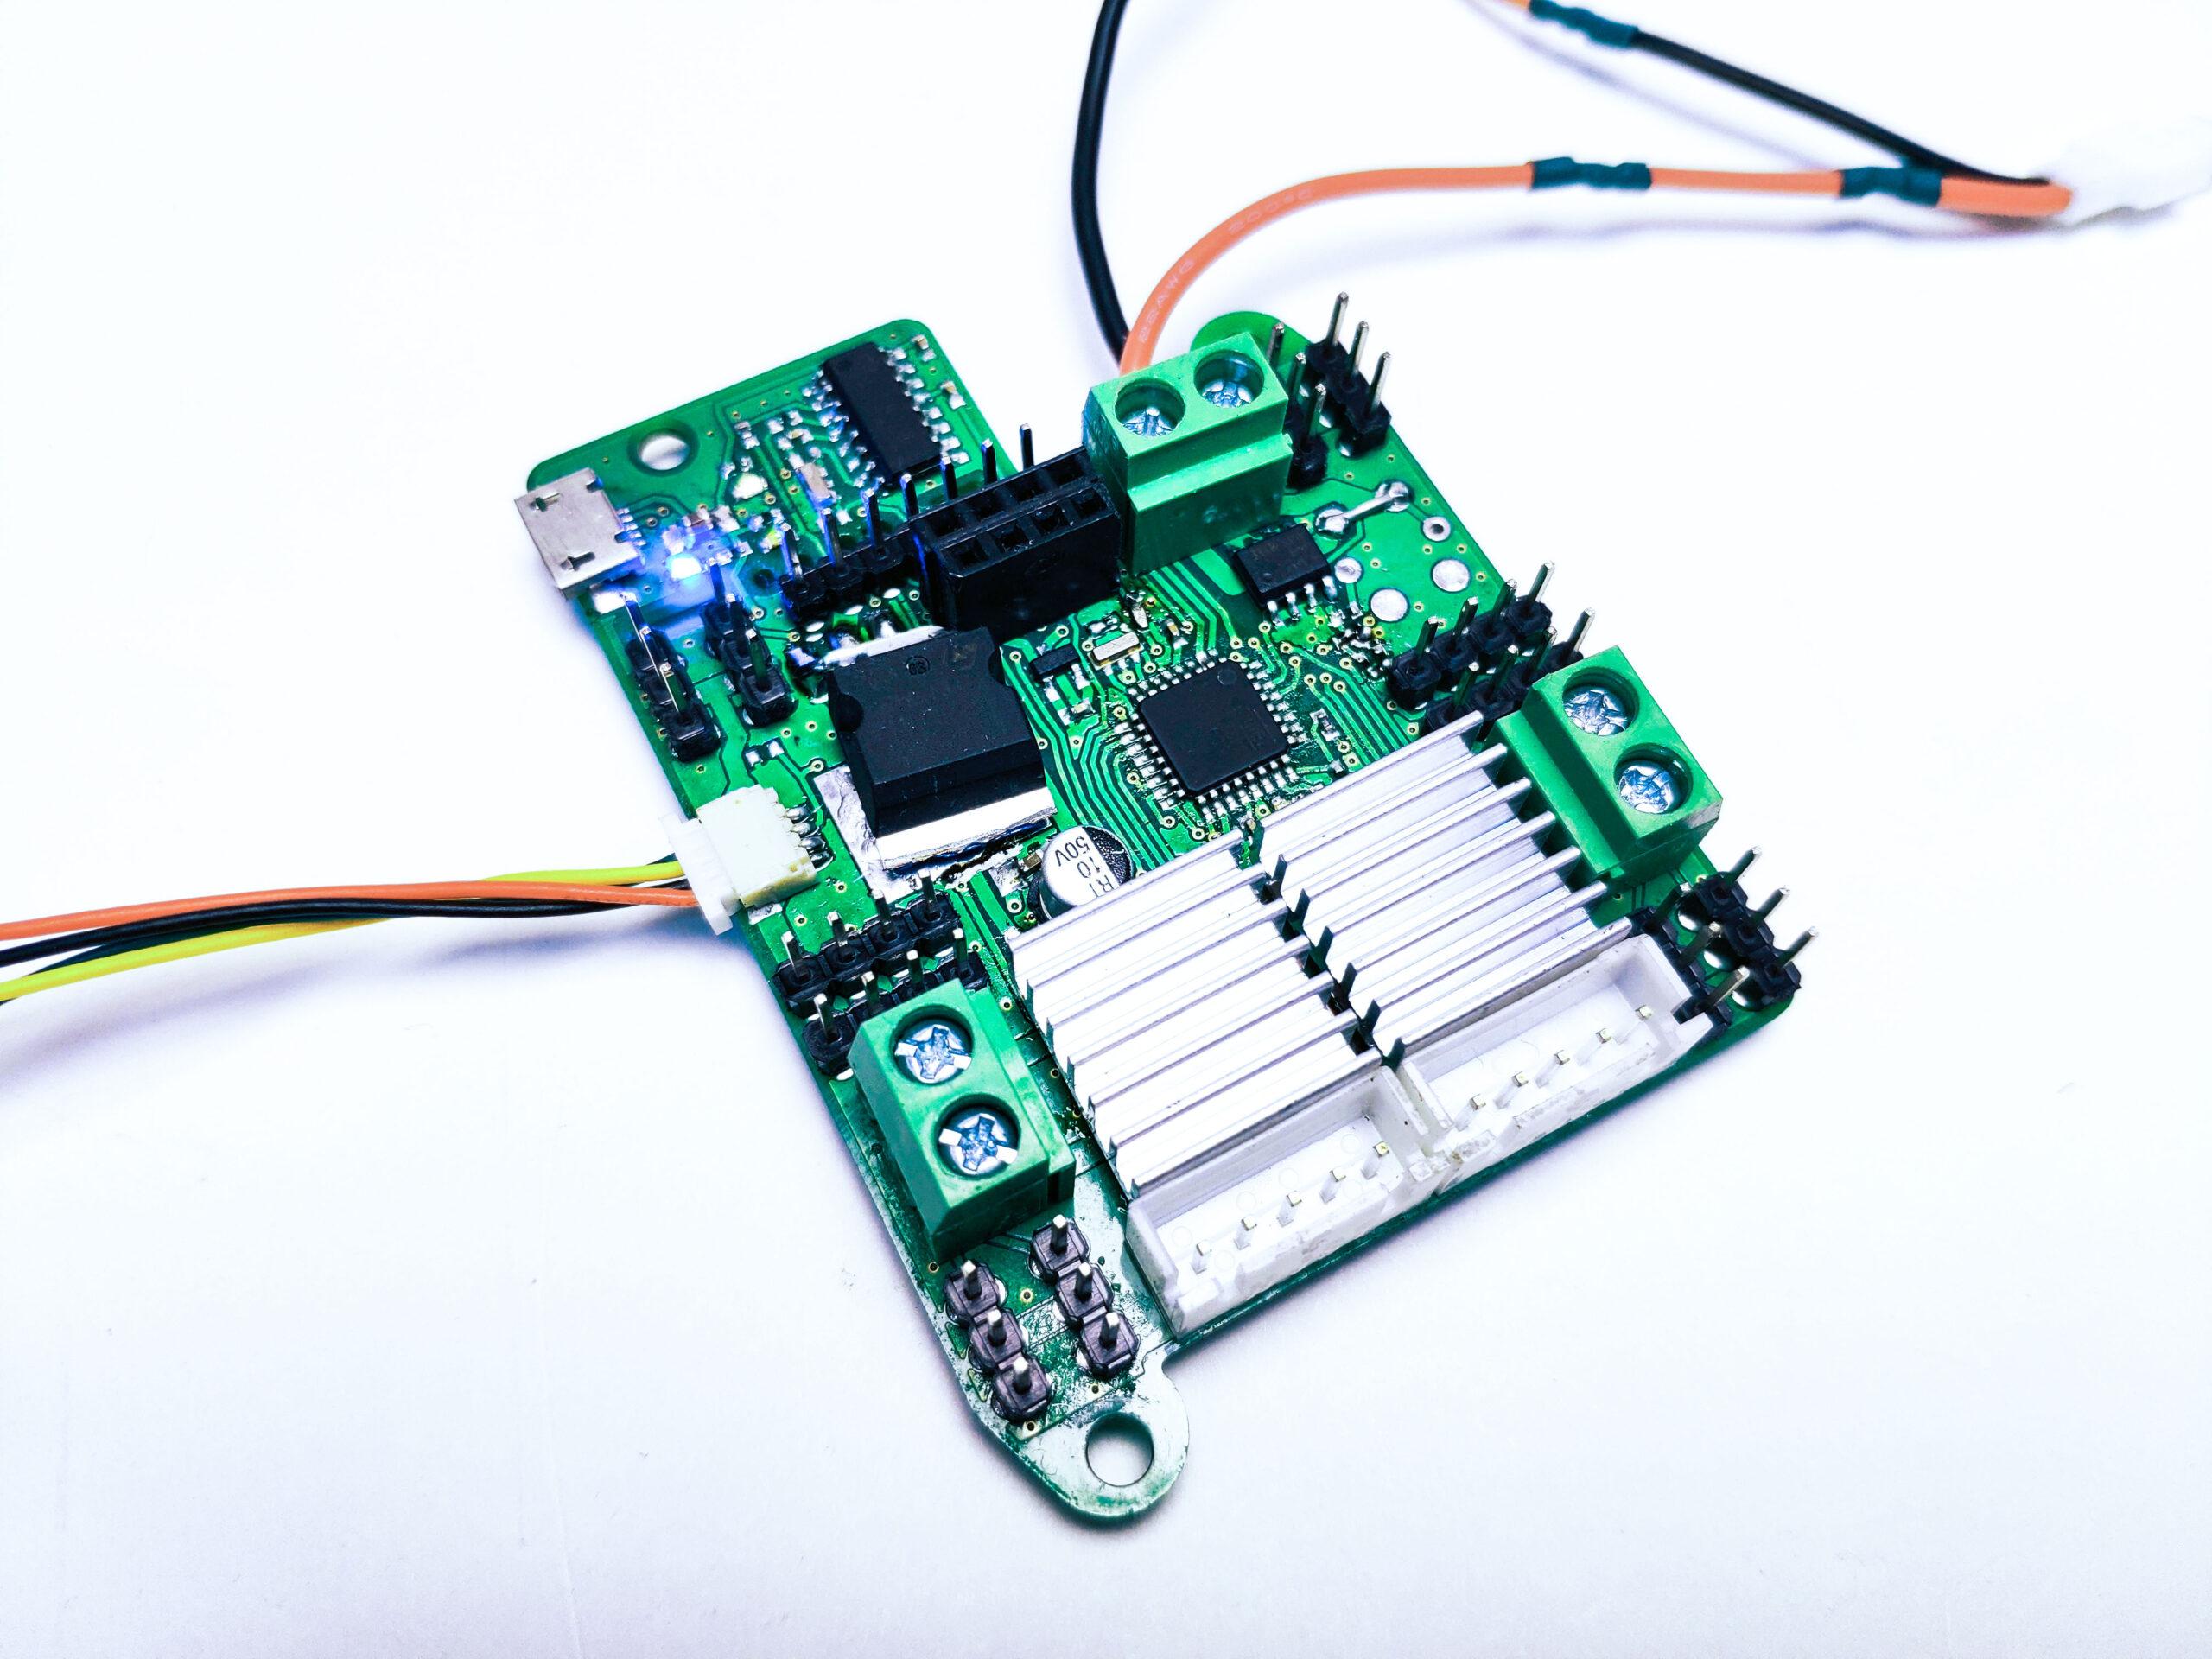 Модуль расширения для управления наземными роботами